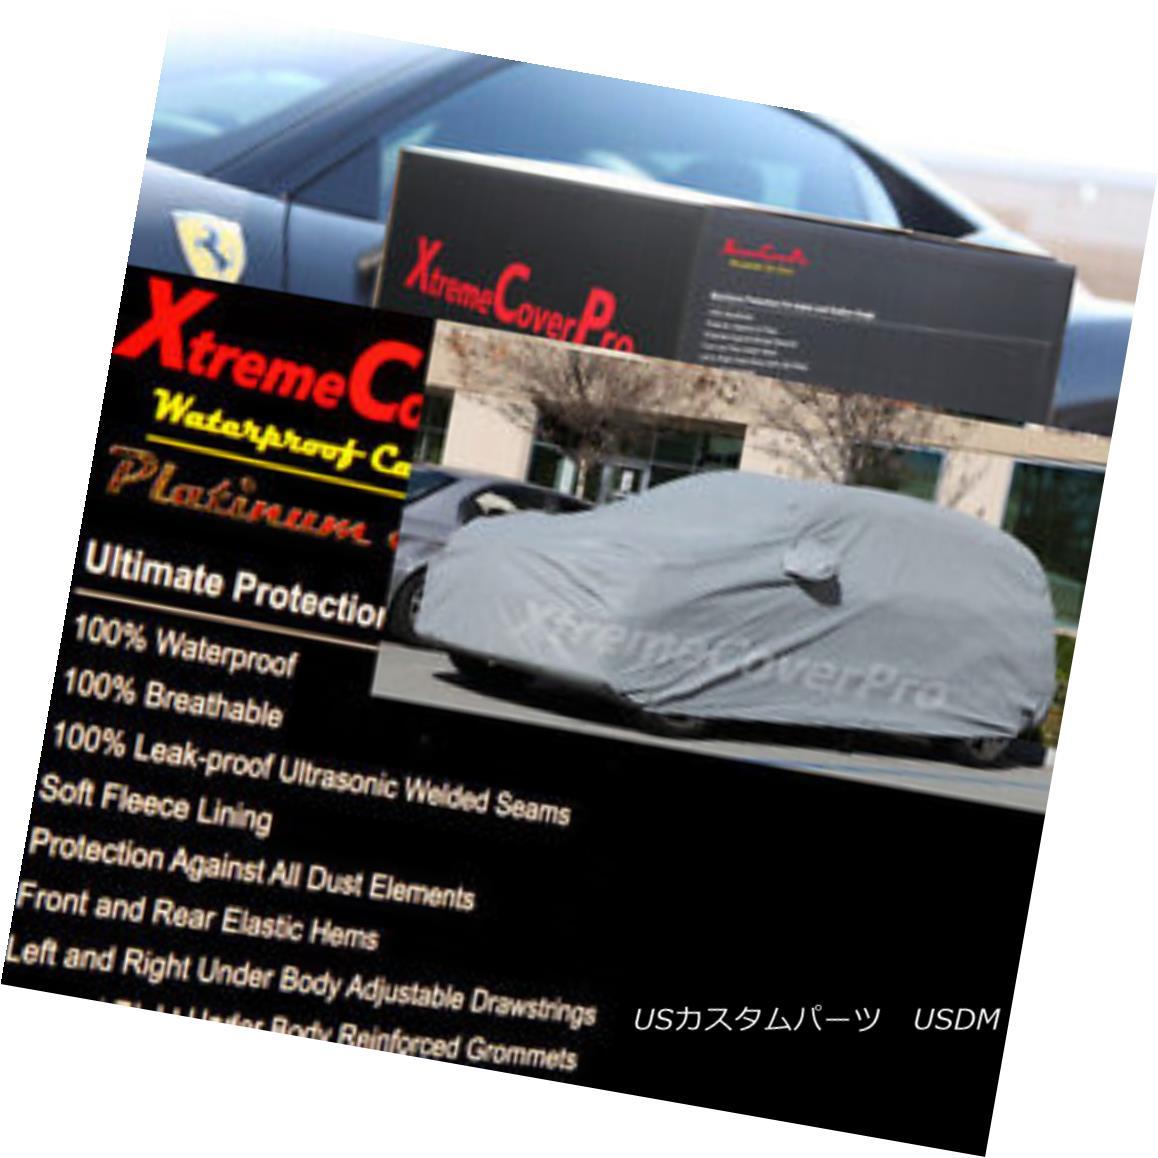 カーカバー 1992 1993 1994 1995 GMC Suburban Waterproof Car Cover w/MirrorPocket 1992 1993 1994 1995 GMC郊外防水カーカバー付きMirrorPocket